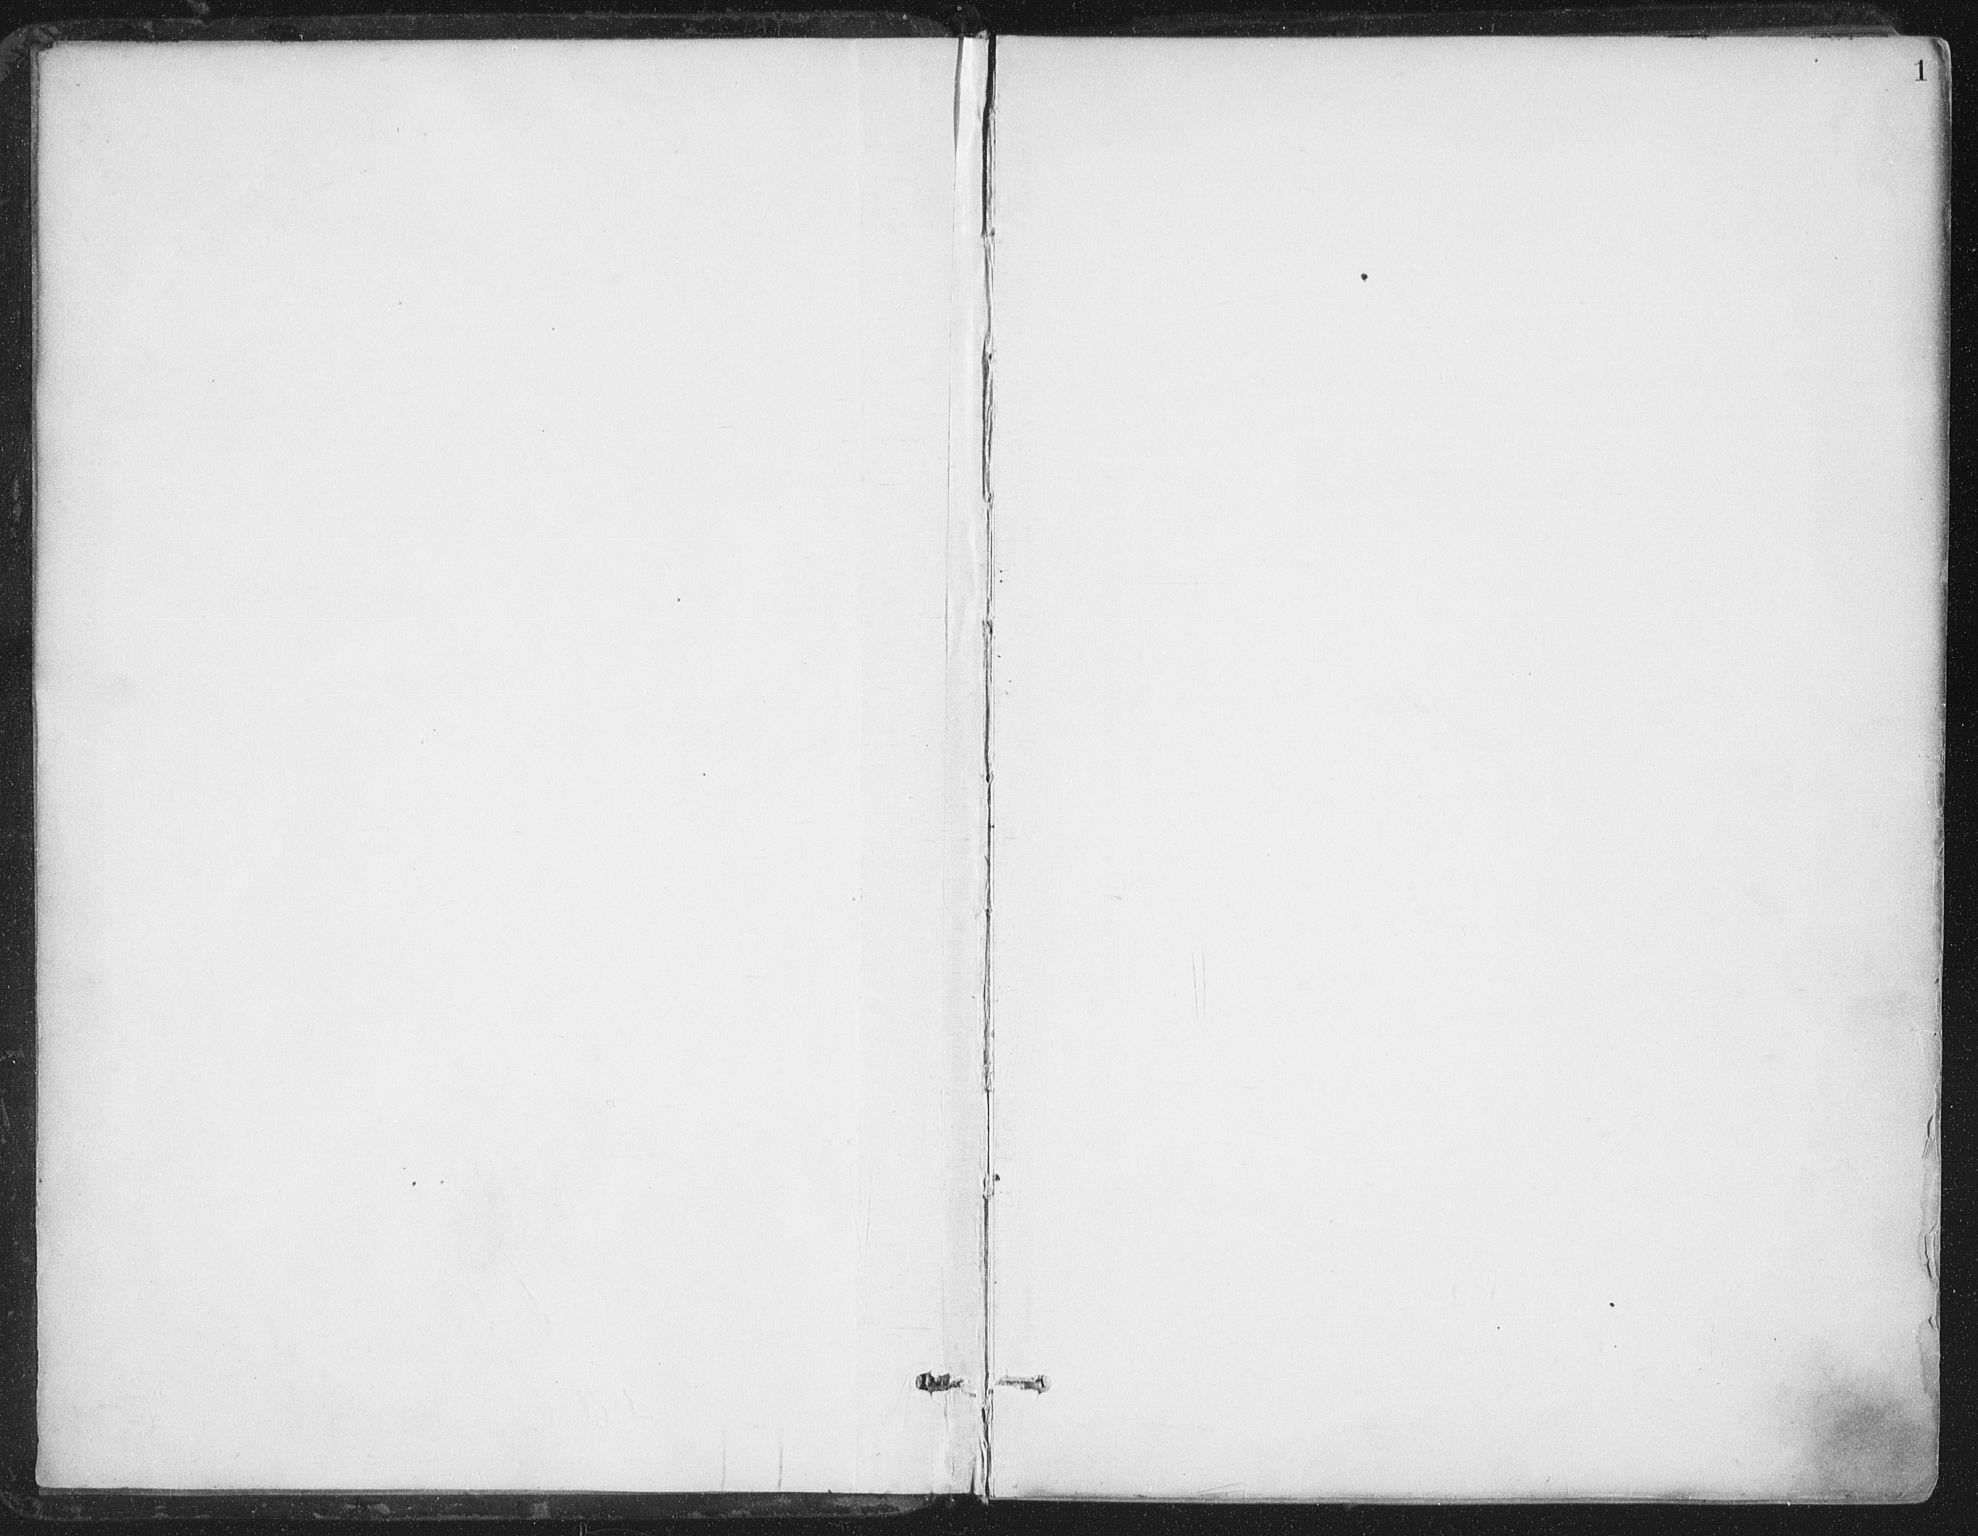 SAT, Ministerialprotokoller, klokkerbøker og fødselsregistre - Nord-Trøndelag, 786/L0687: Ministerialbok nr. 786A03, 1888-1898, s. 1